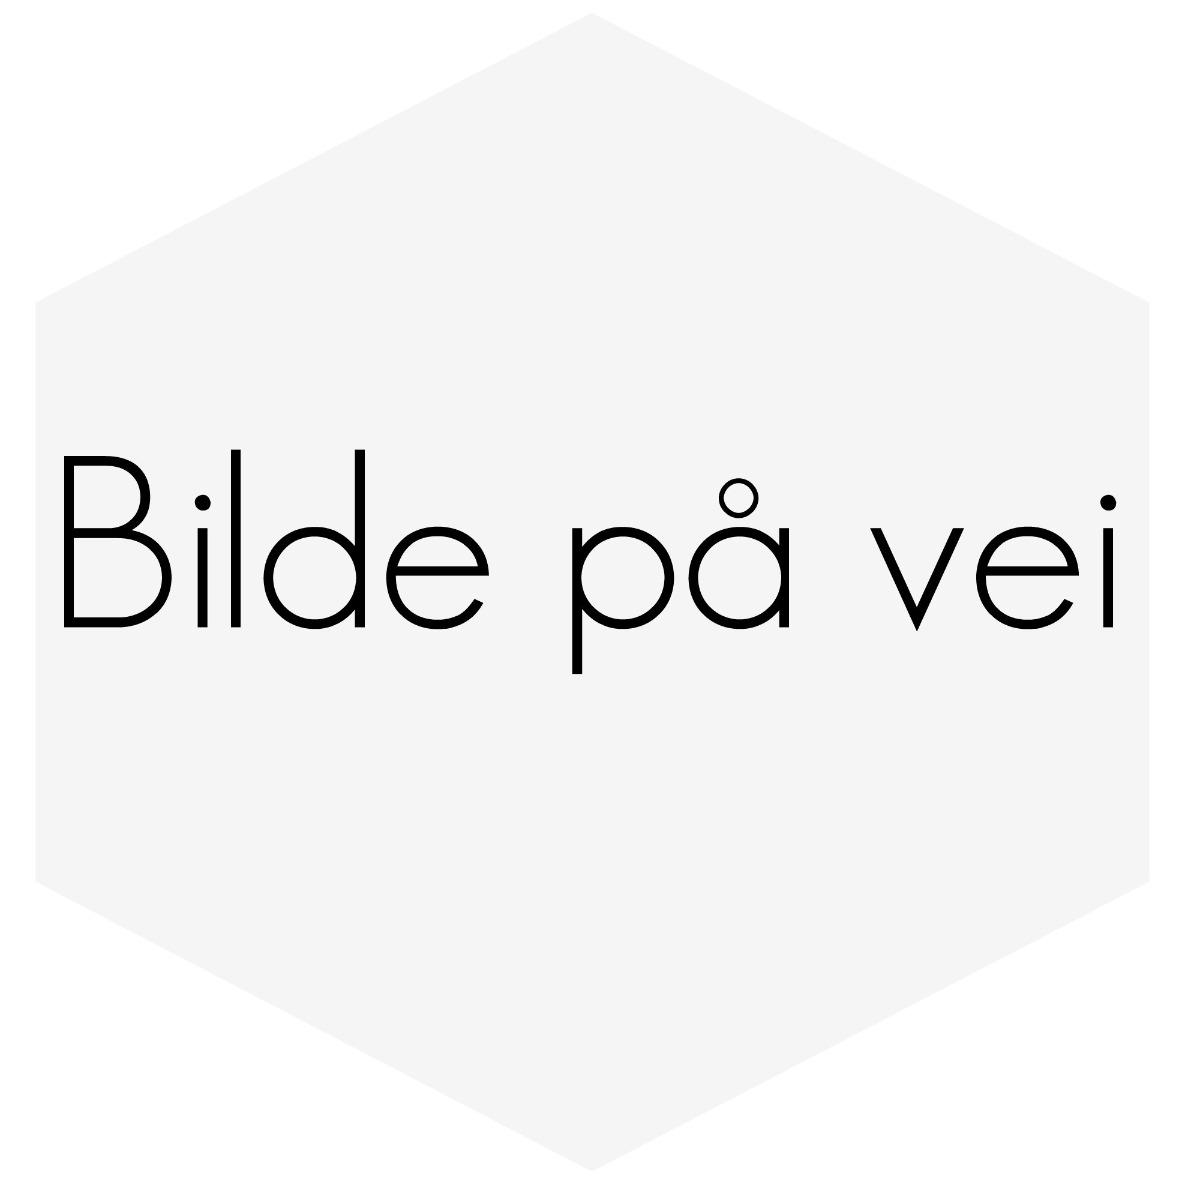 NÅL TIL FORGASSER 240-78-80 B21A B1EE237784